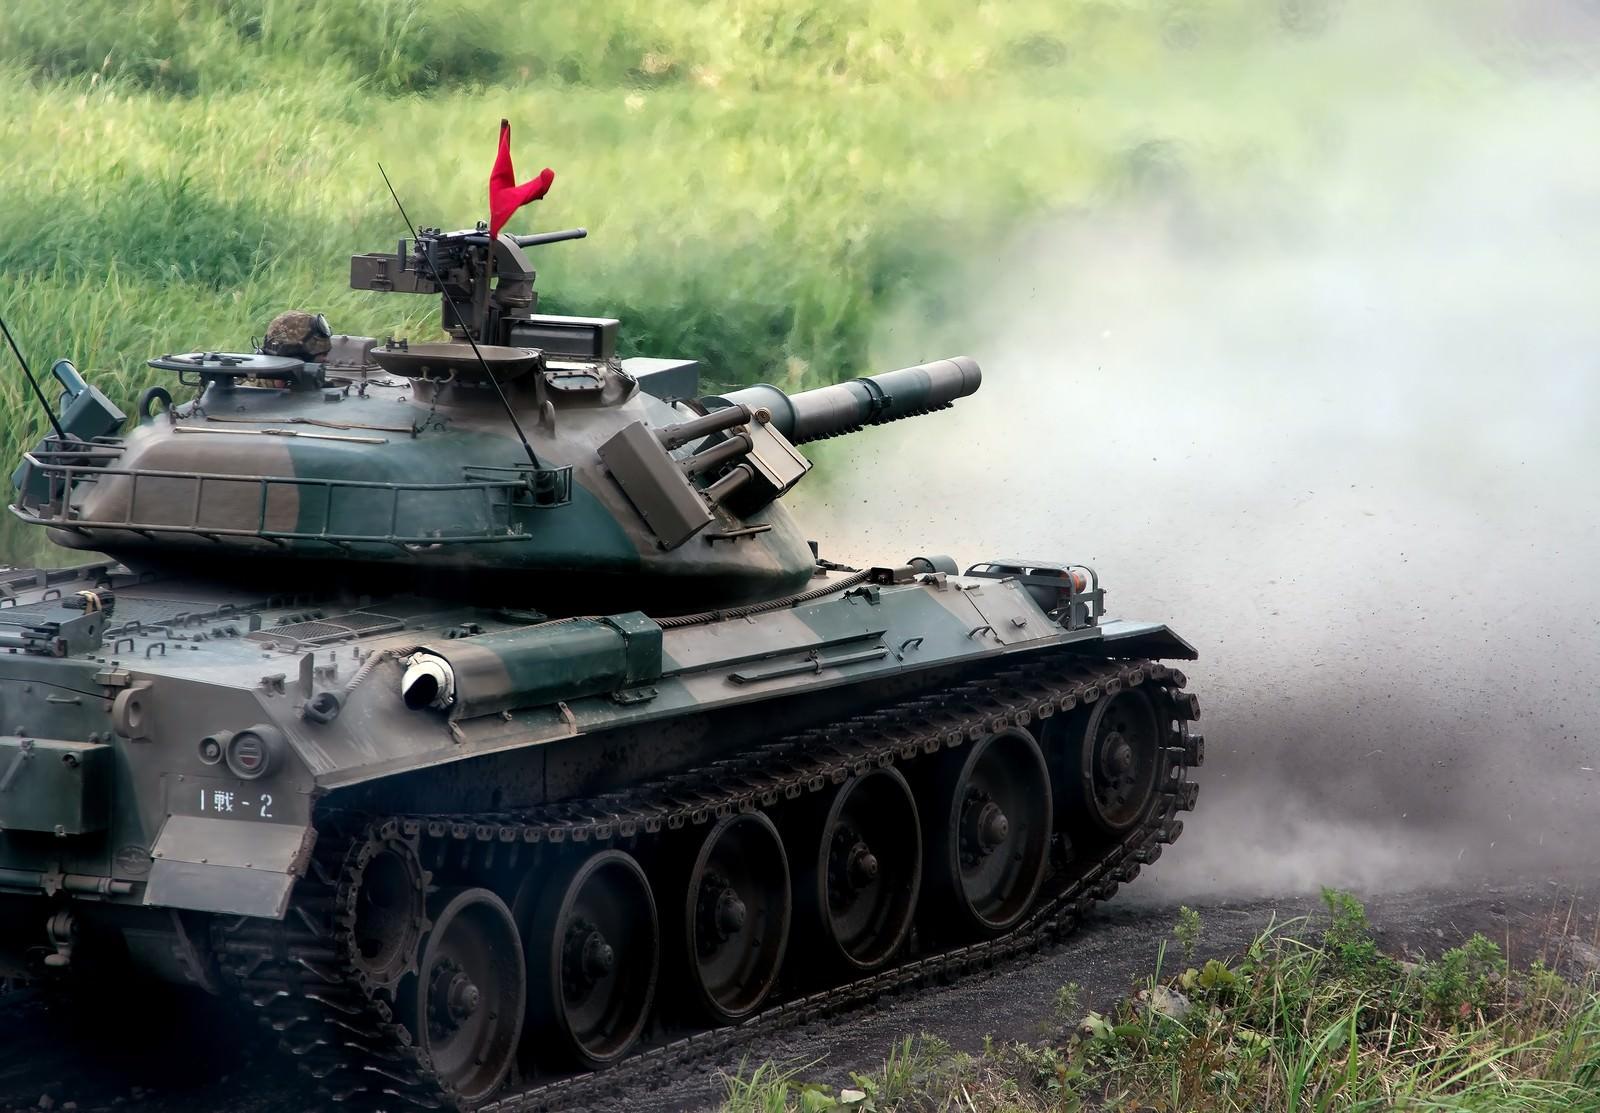 「74式戦車と、発射直後に巻き上げられる土煙」の写真